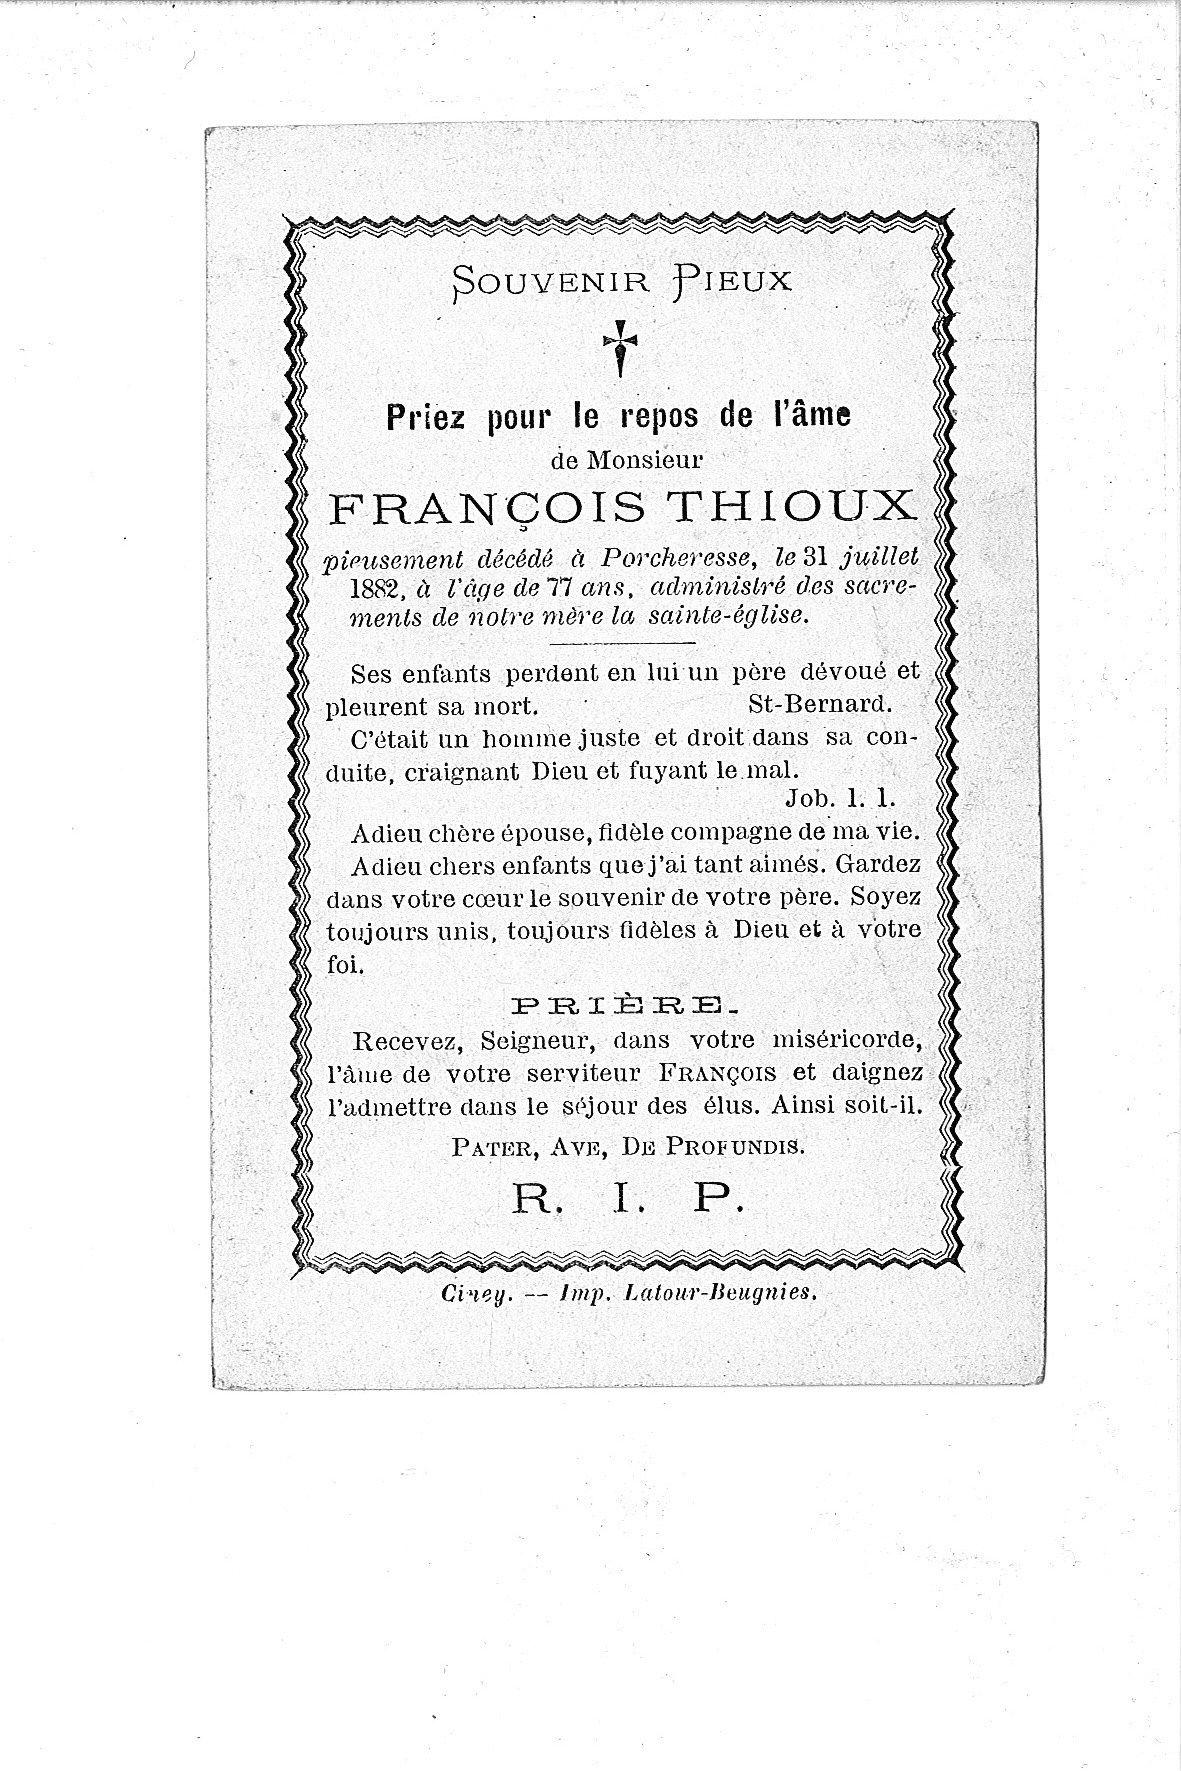 François(1882)20091103090156_00060.jpg